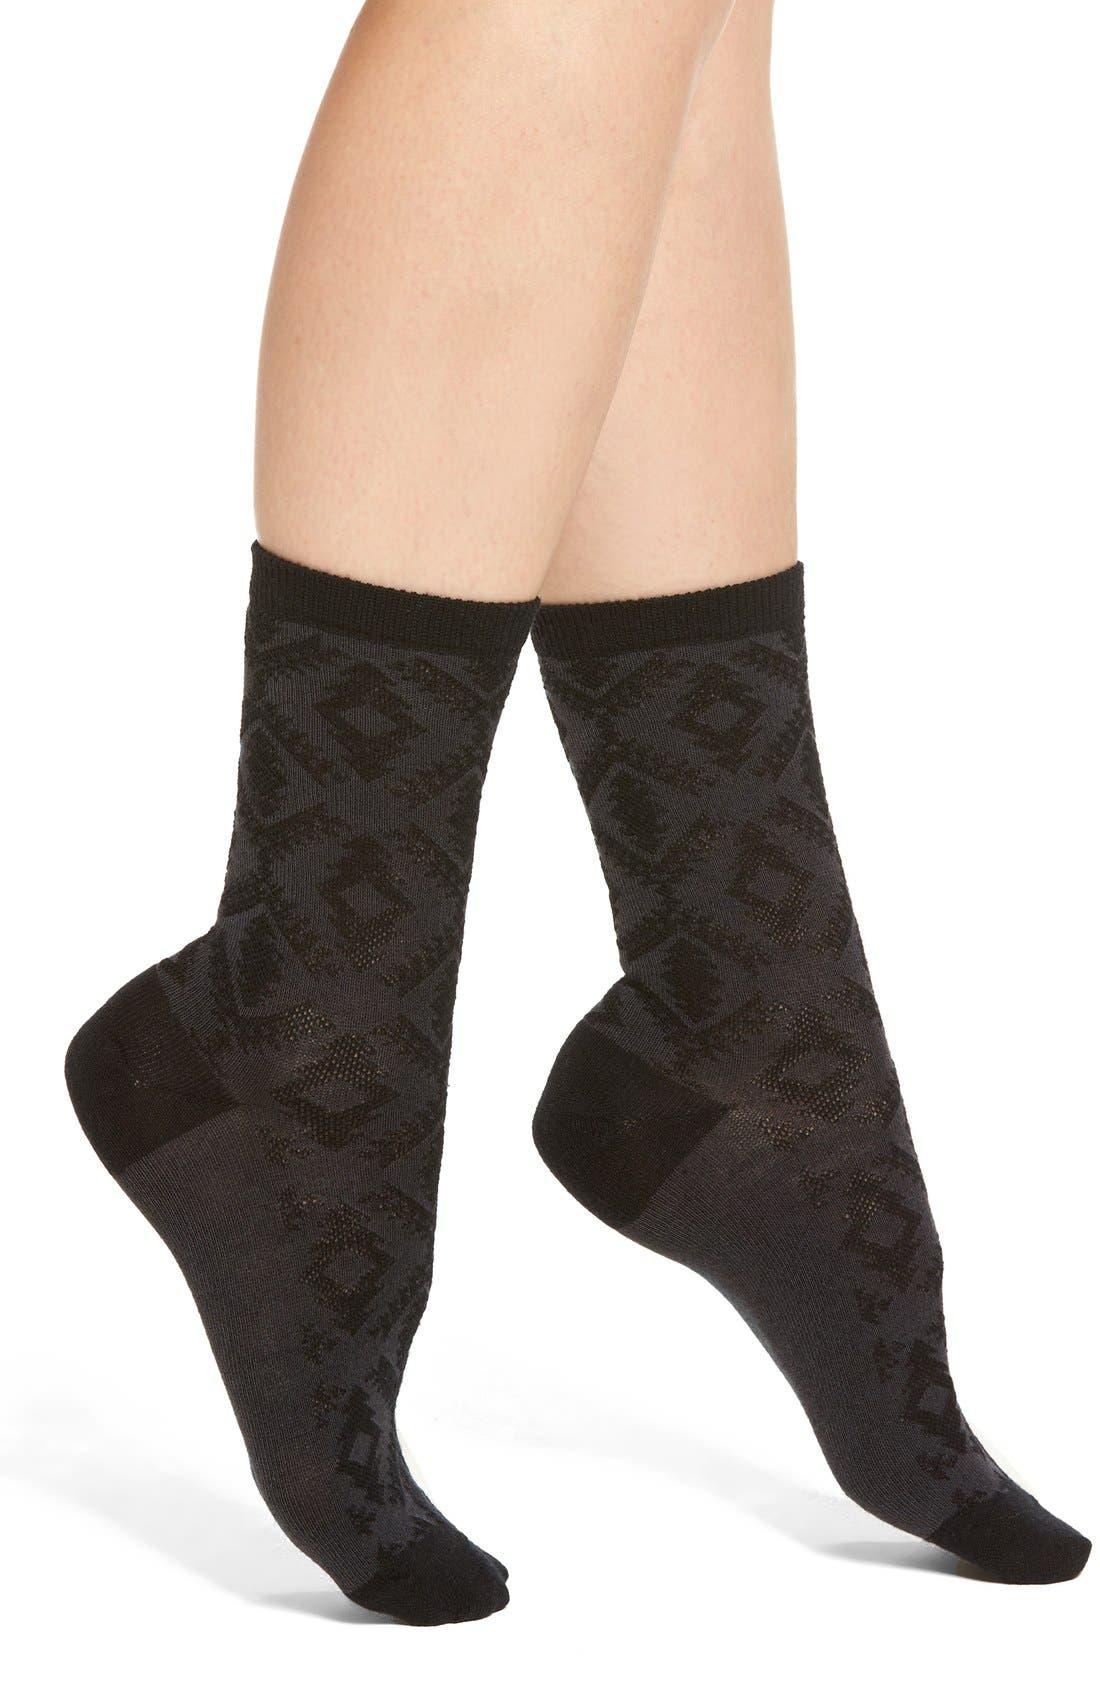 'Diamond River' Anklet Socks,                         Main,                         color, 001